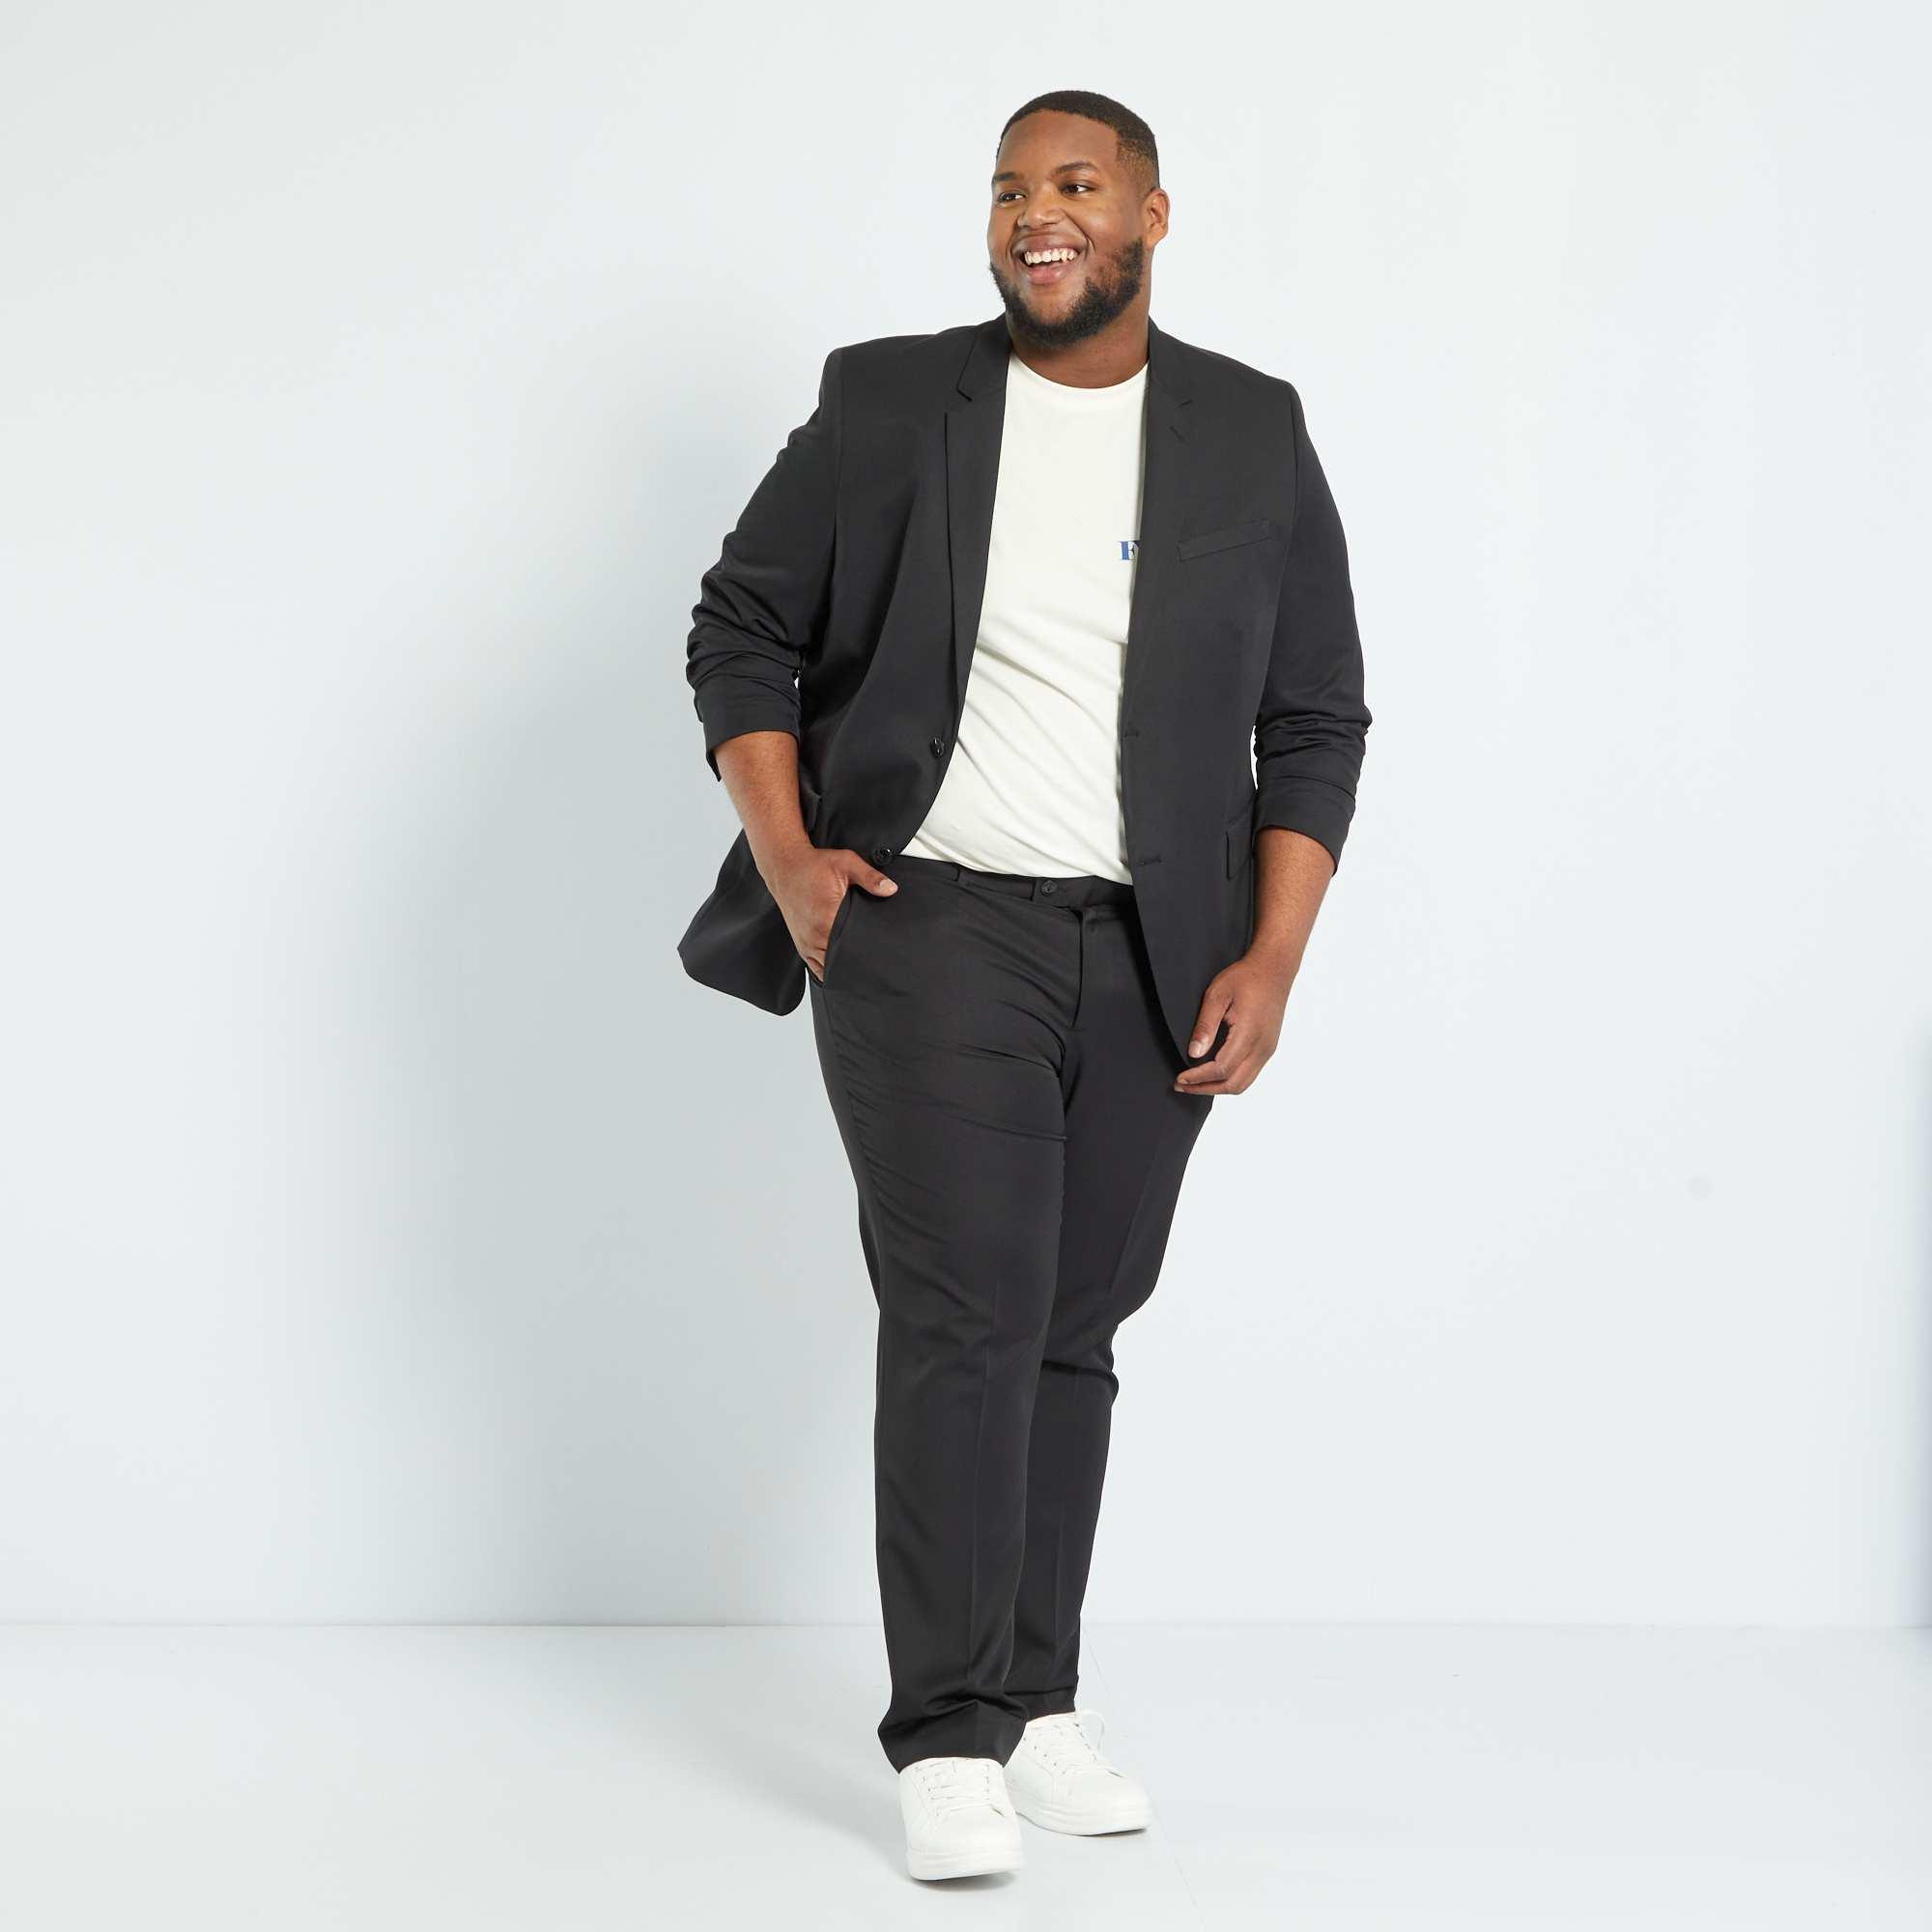 Couleur : bleu navy, noir, ,, - Taille : 68, 66, 60,70,64Pour un look impeccable en journée comme en soirée. - Veste de costume - Regular fit